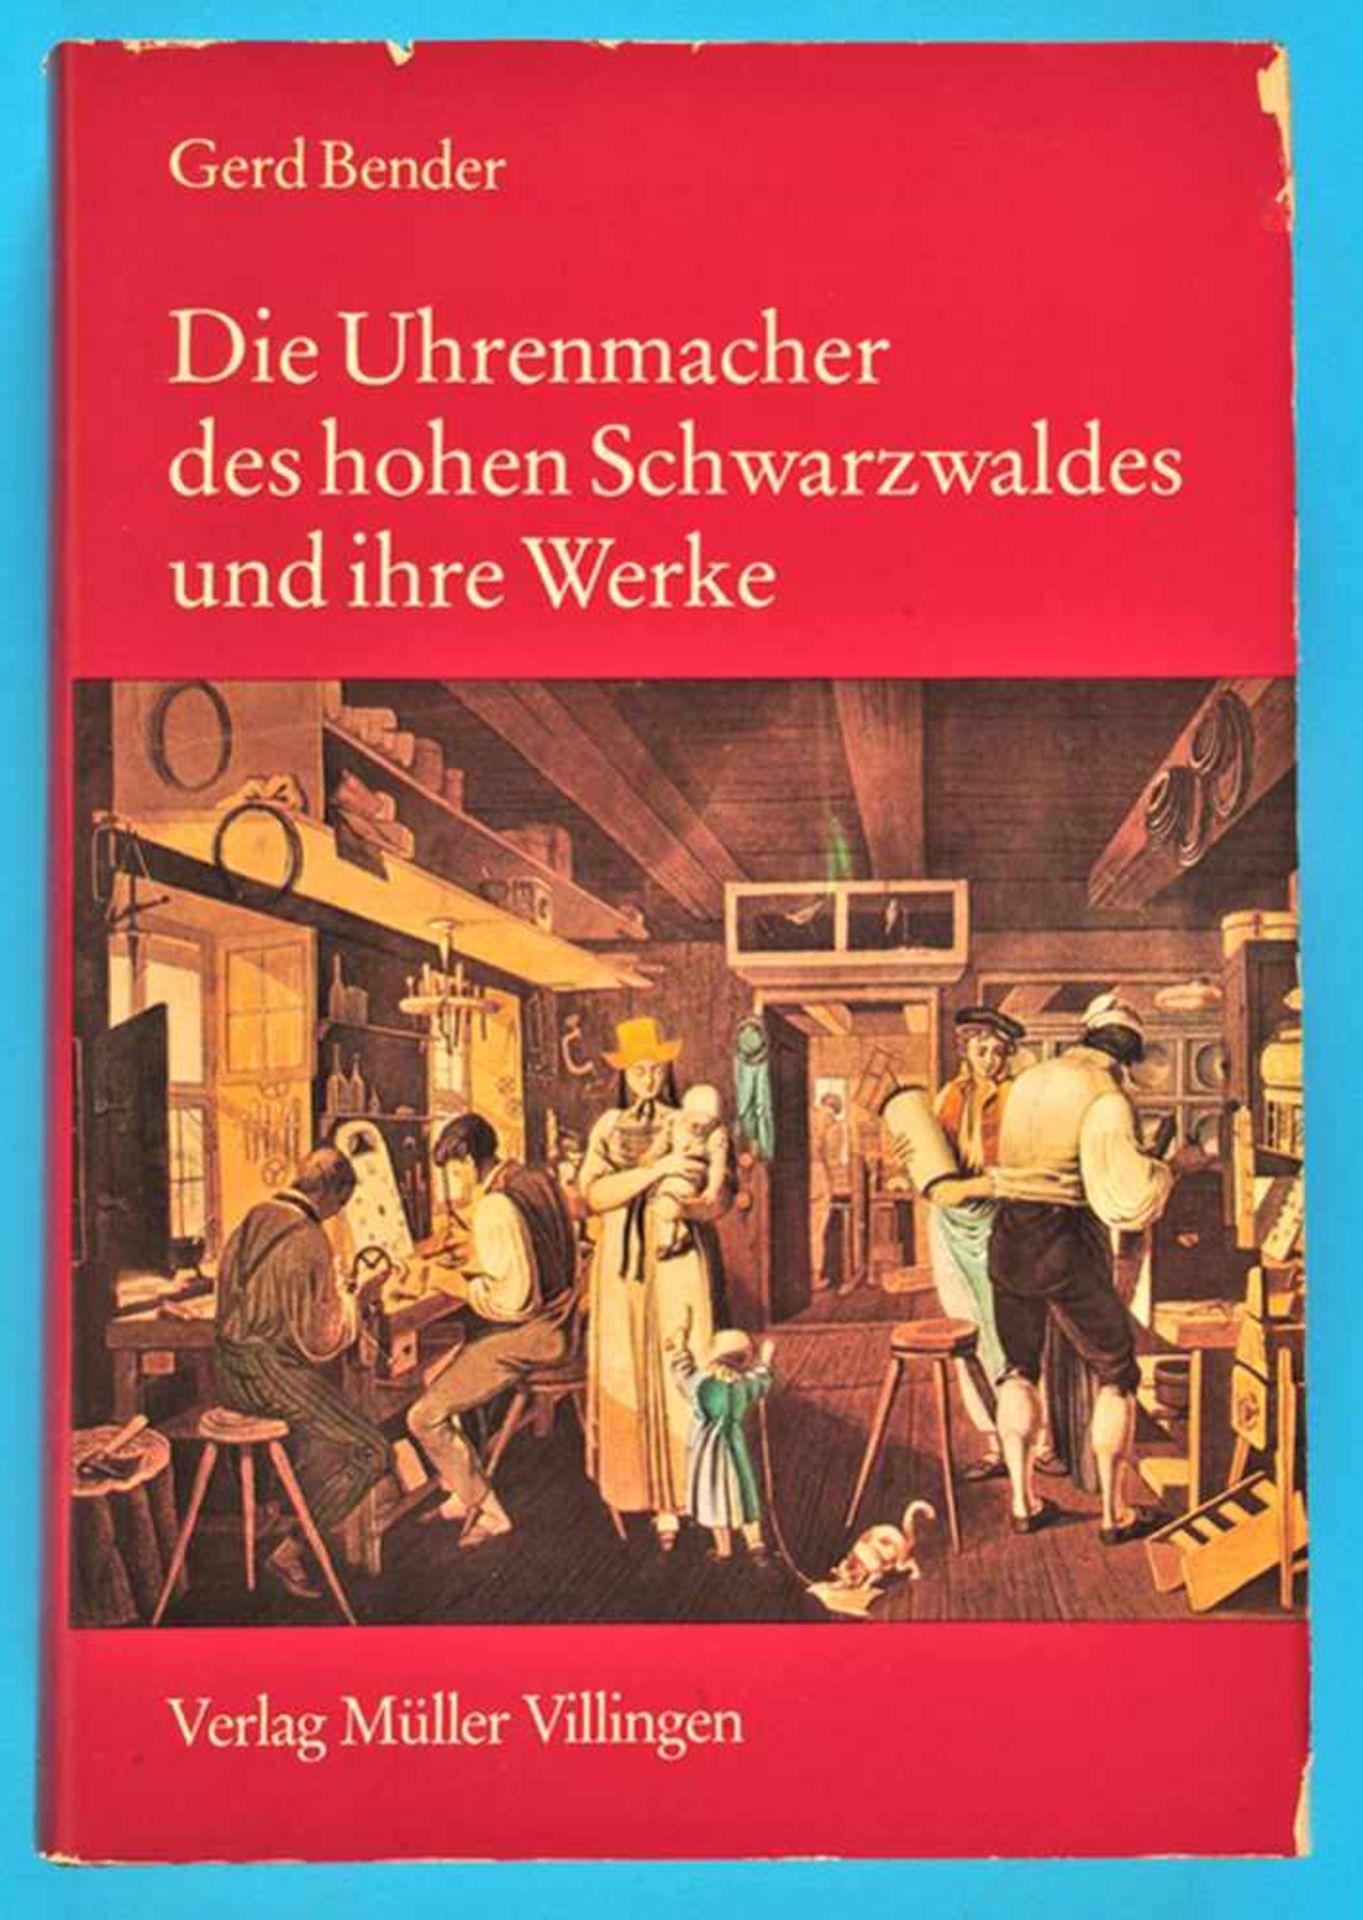 Los 14 - G. Bender, Die Uhrmacher des hohen Schwarzwaldes und ihre WerkeG. Bender, Die Uhrmacher des hohen